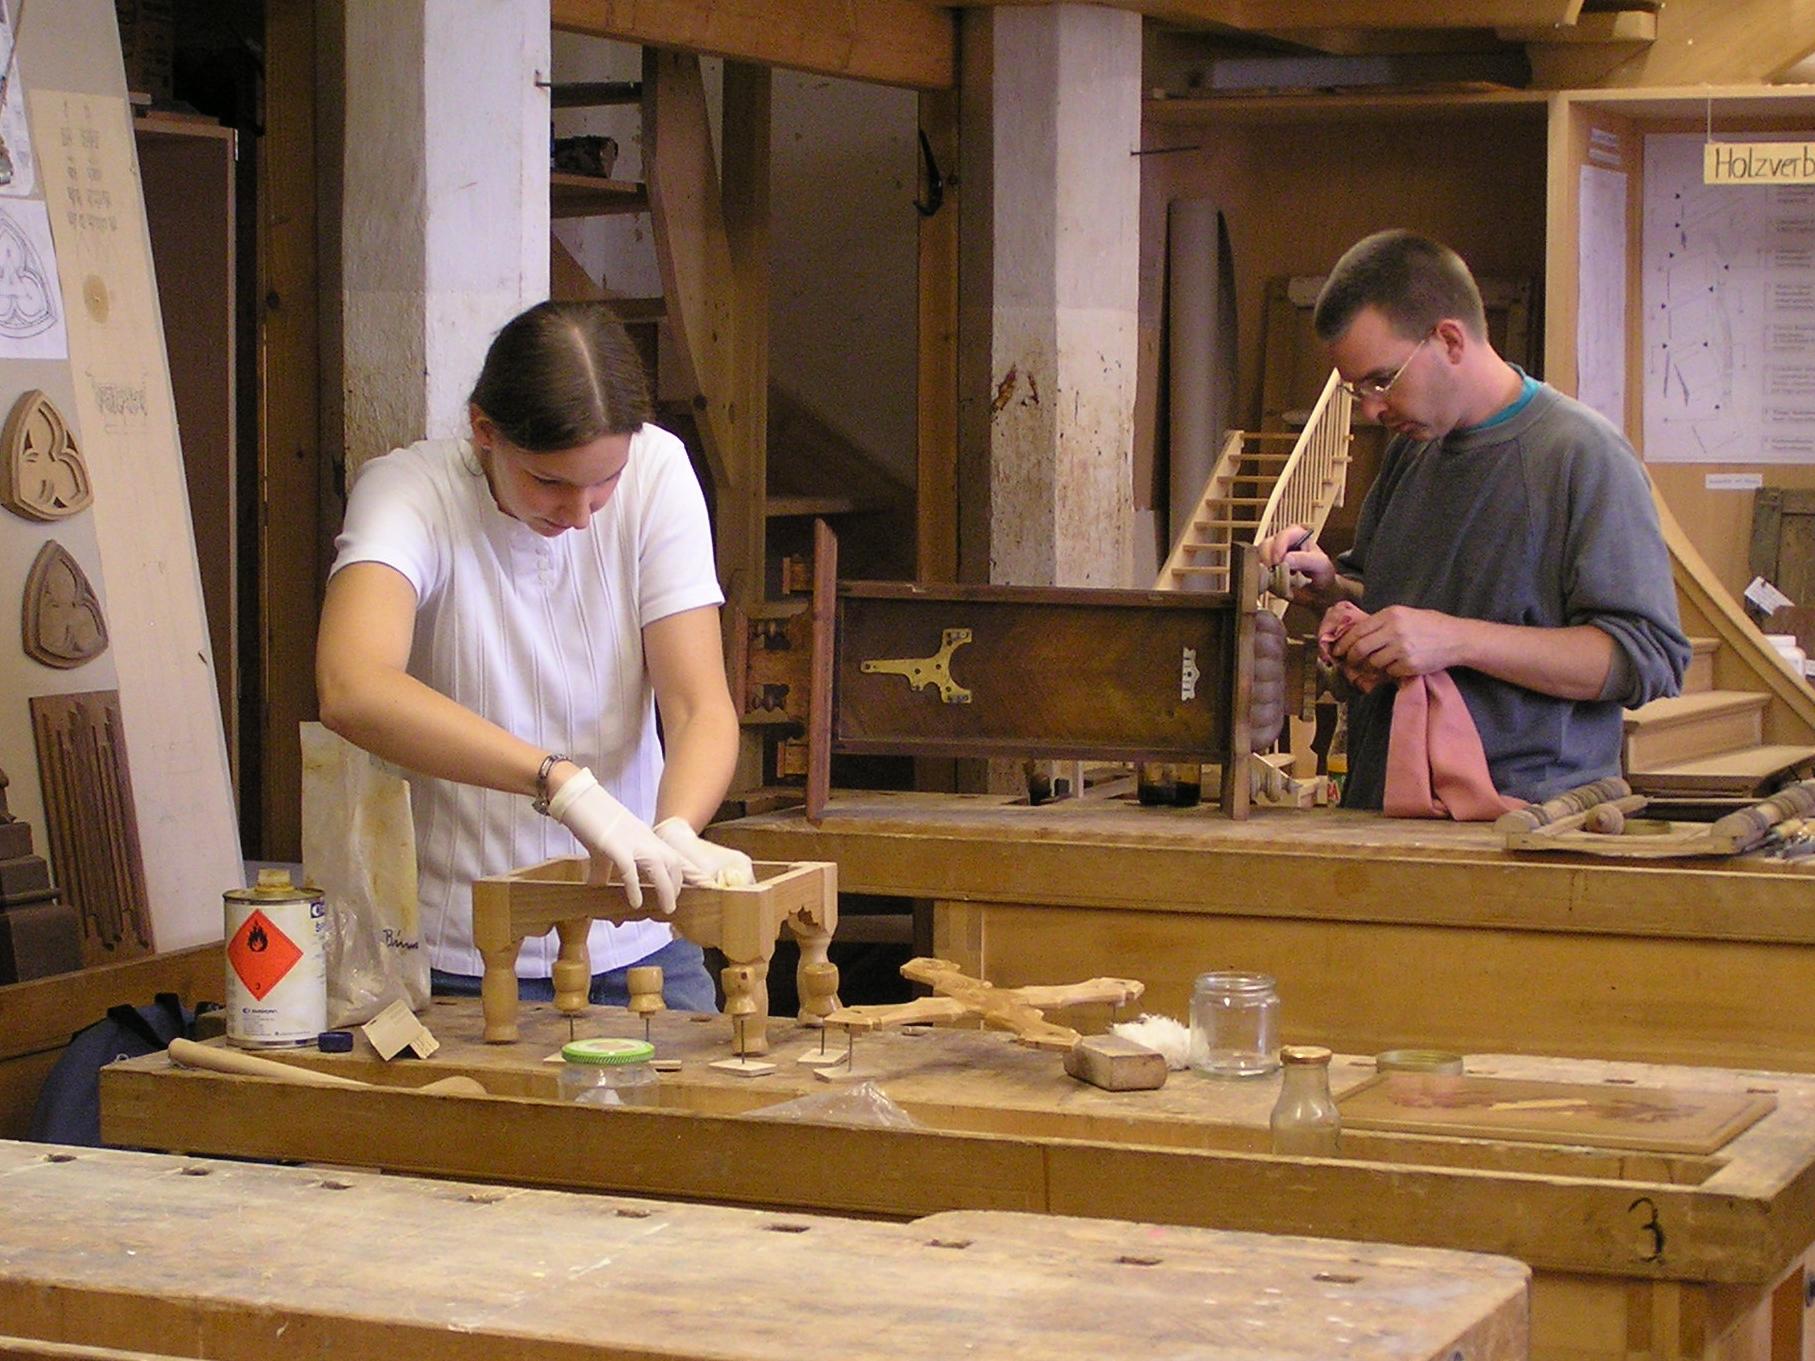 Restauratoren im Handwerk Holz.jpg